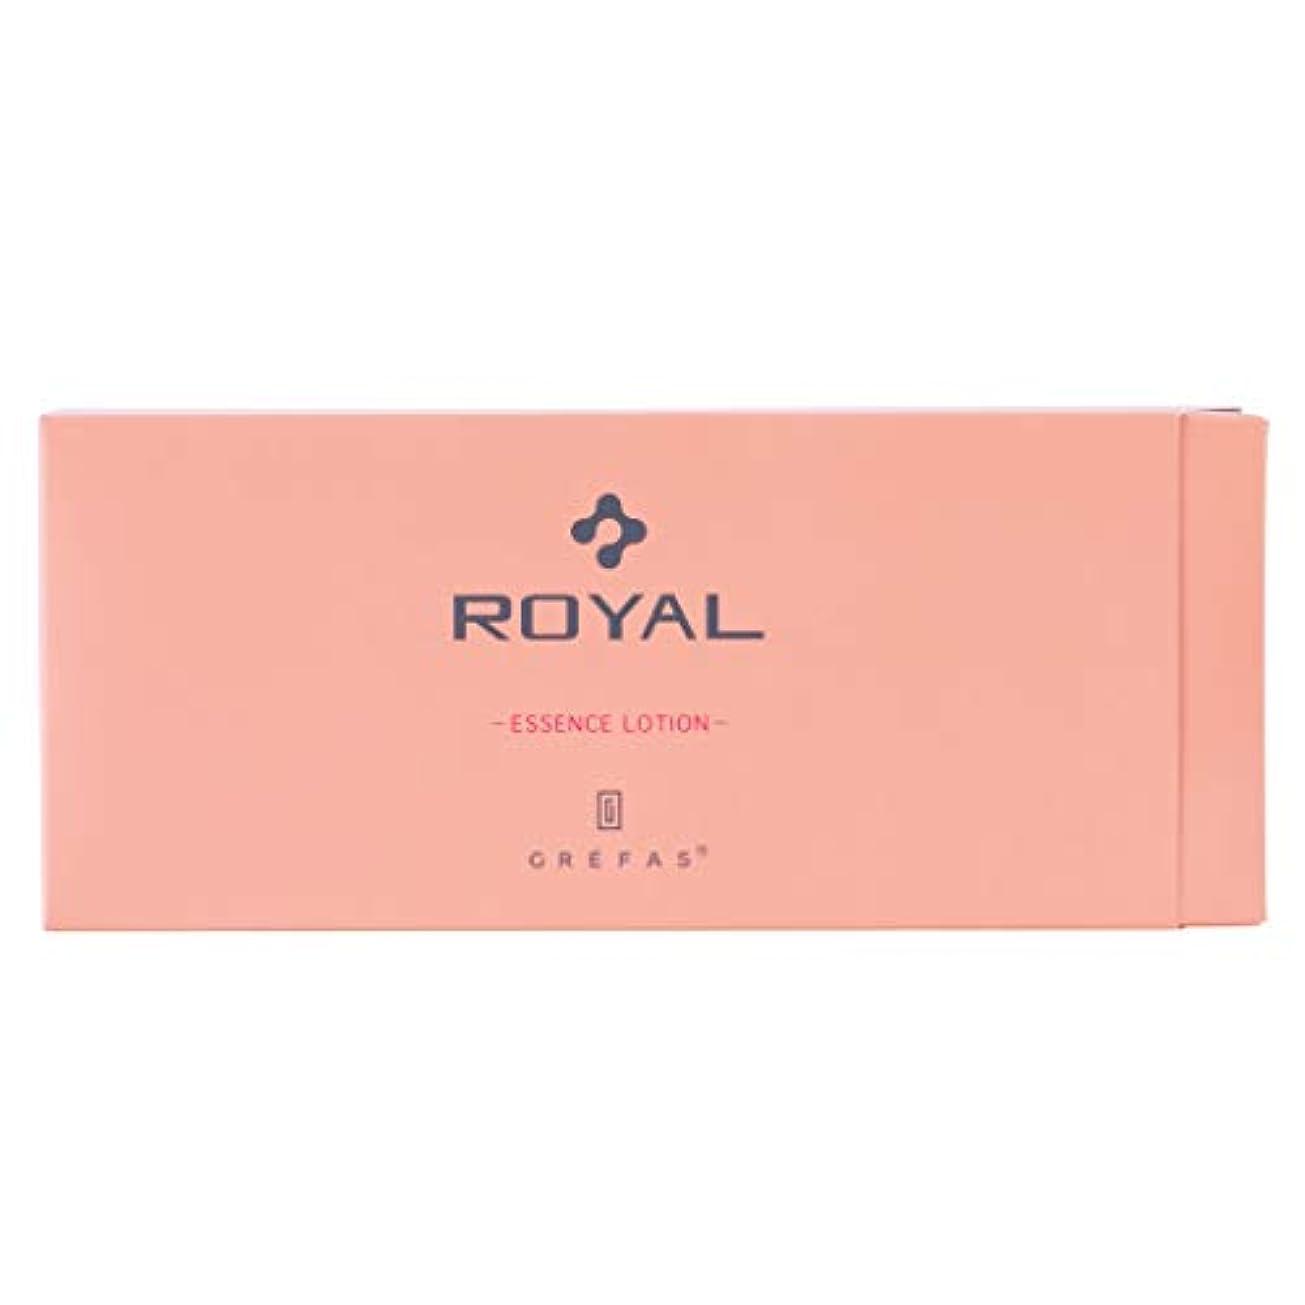 構造的膨らませる代数的GREFAS ROYAL エッセンスローション 1.3ml×90袋